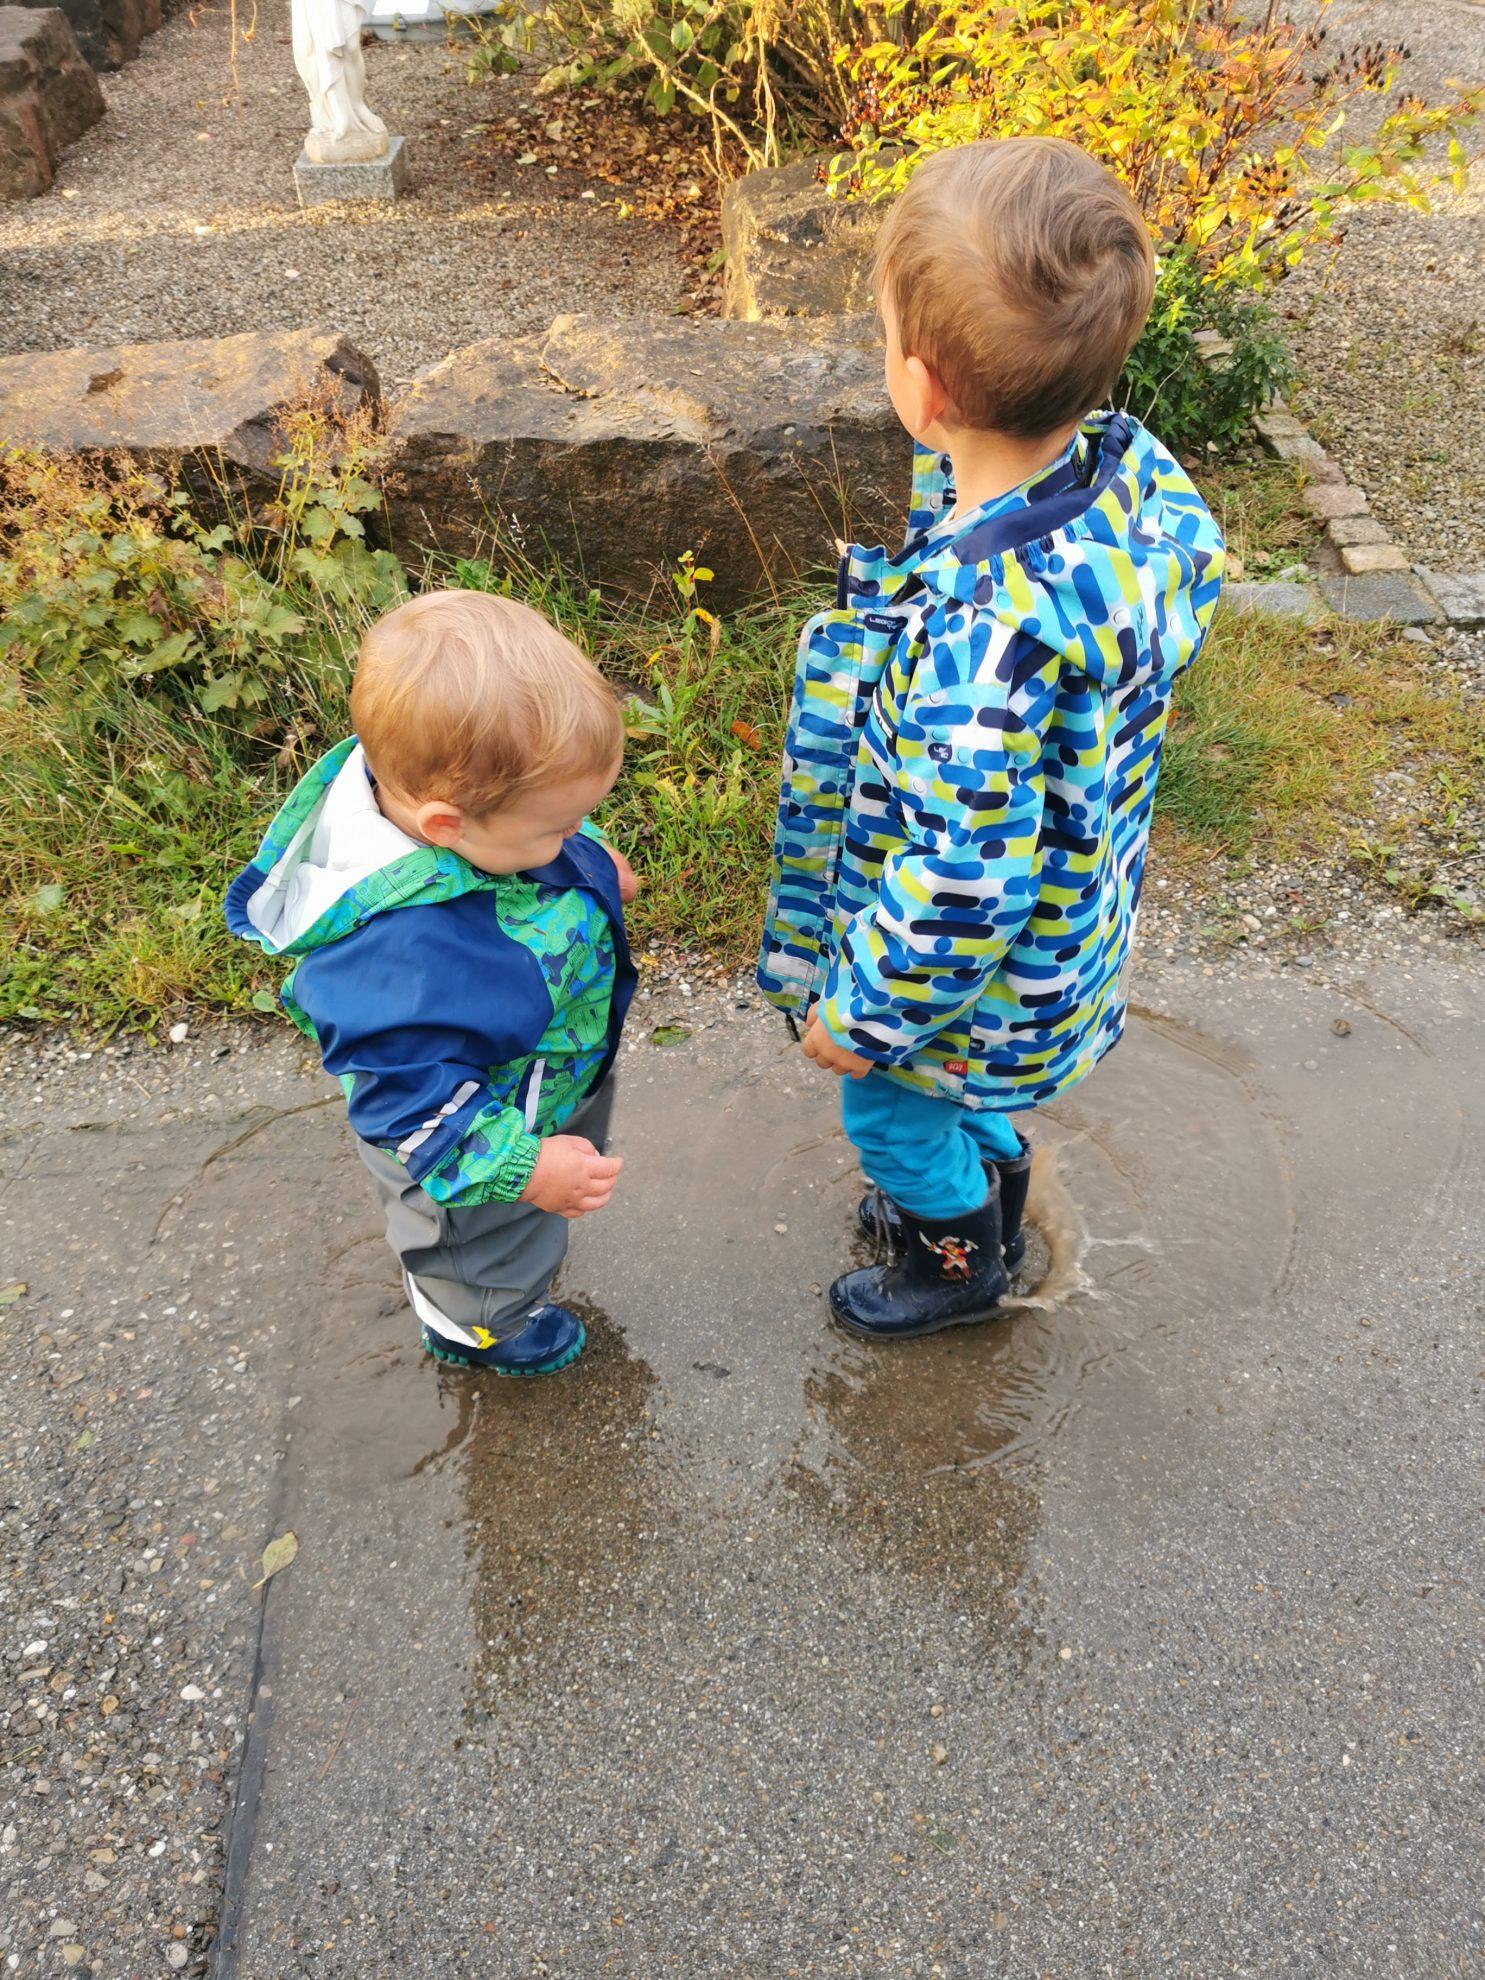 Die beiden Brüder trennen fast 4 Jahre. Aber auch sie haben eine sehr enge Verbindung und harmonieren sehr gut.